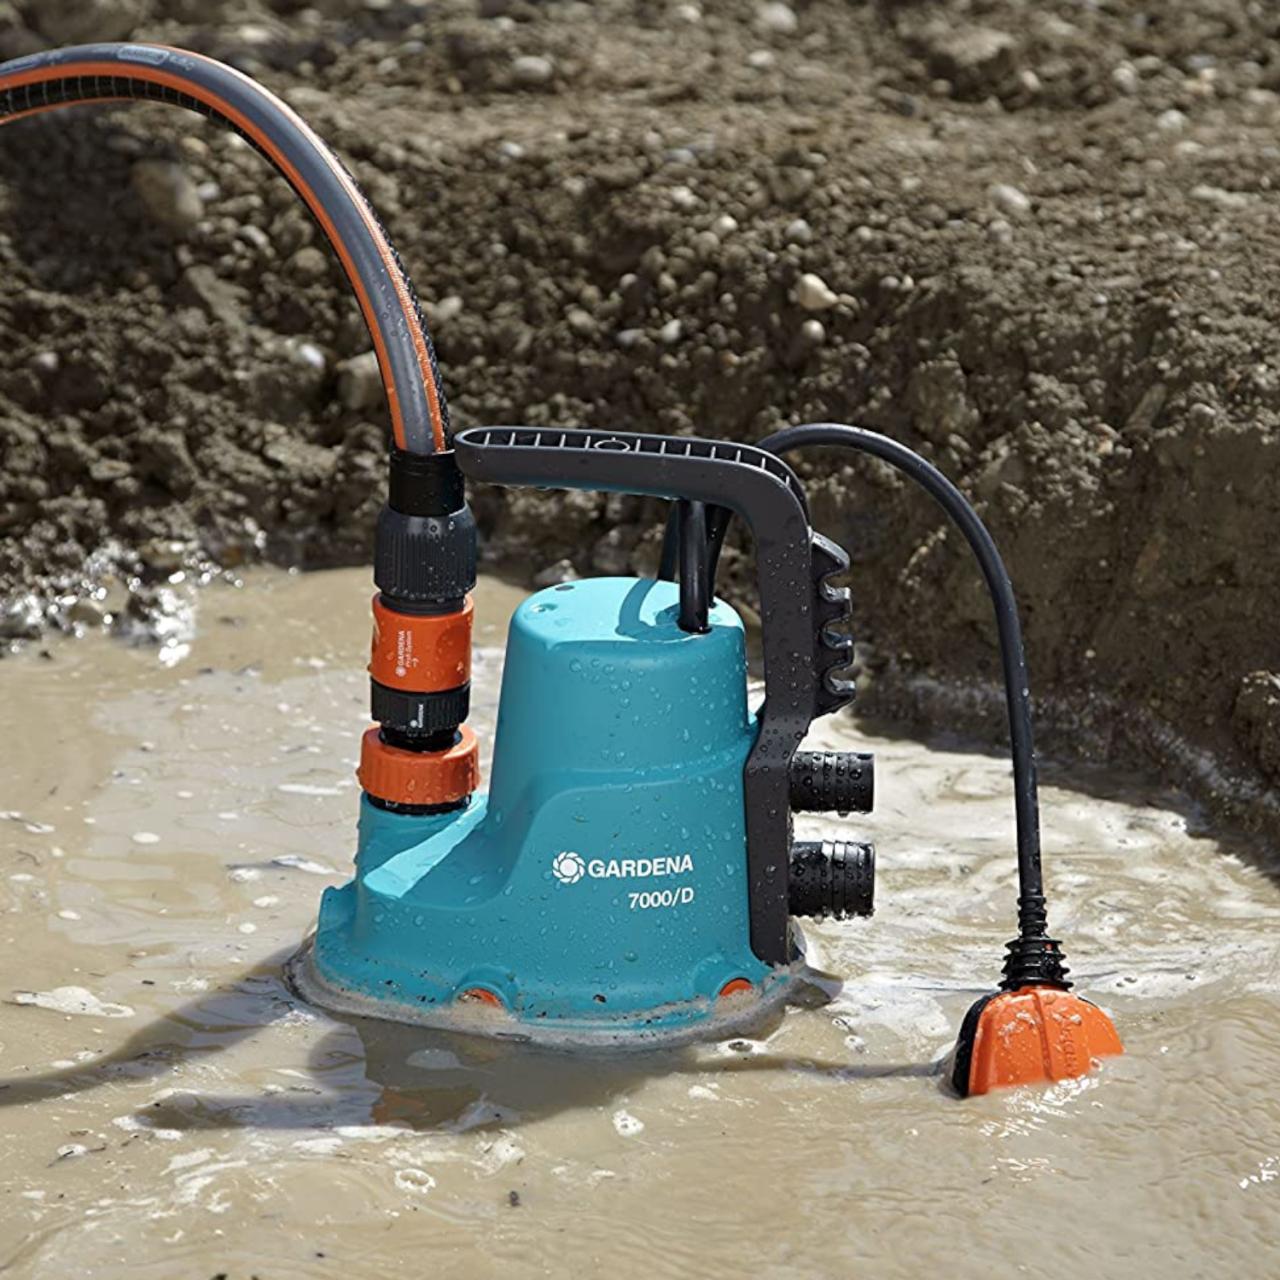 Gardena Schmutzwasser-Tauchpumpe 7000/D 1665-20 Schmutzwasserpumpe Pumpe